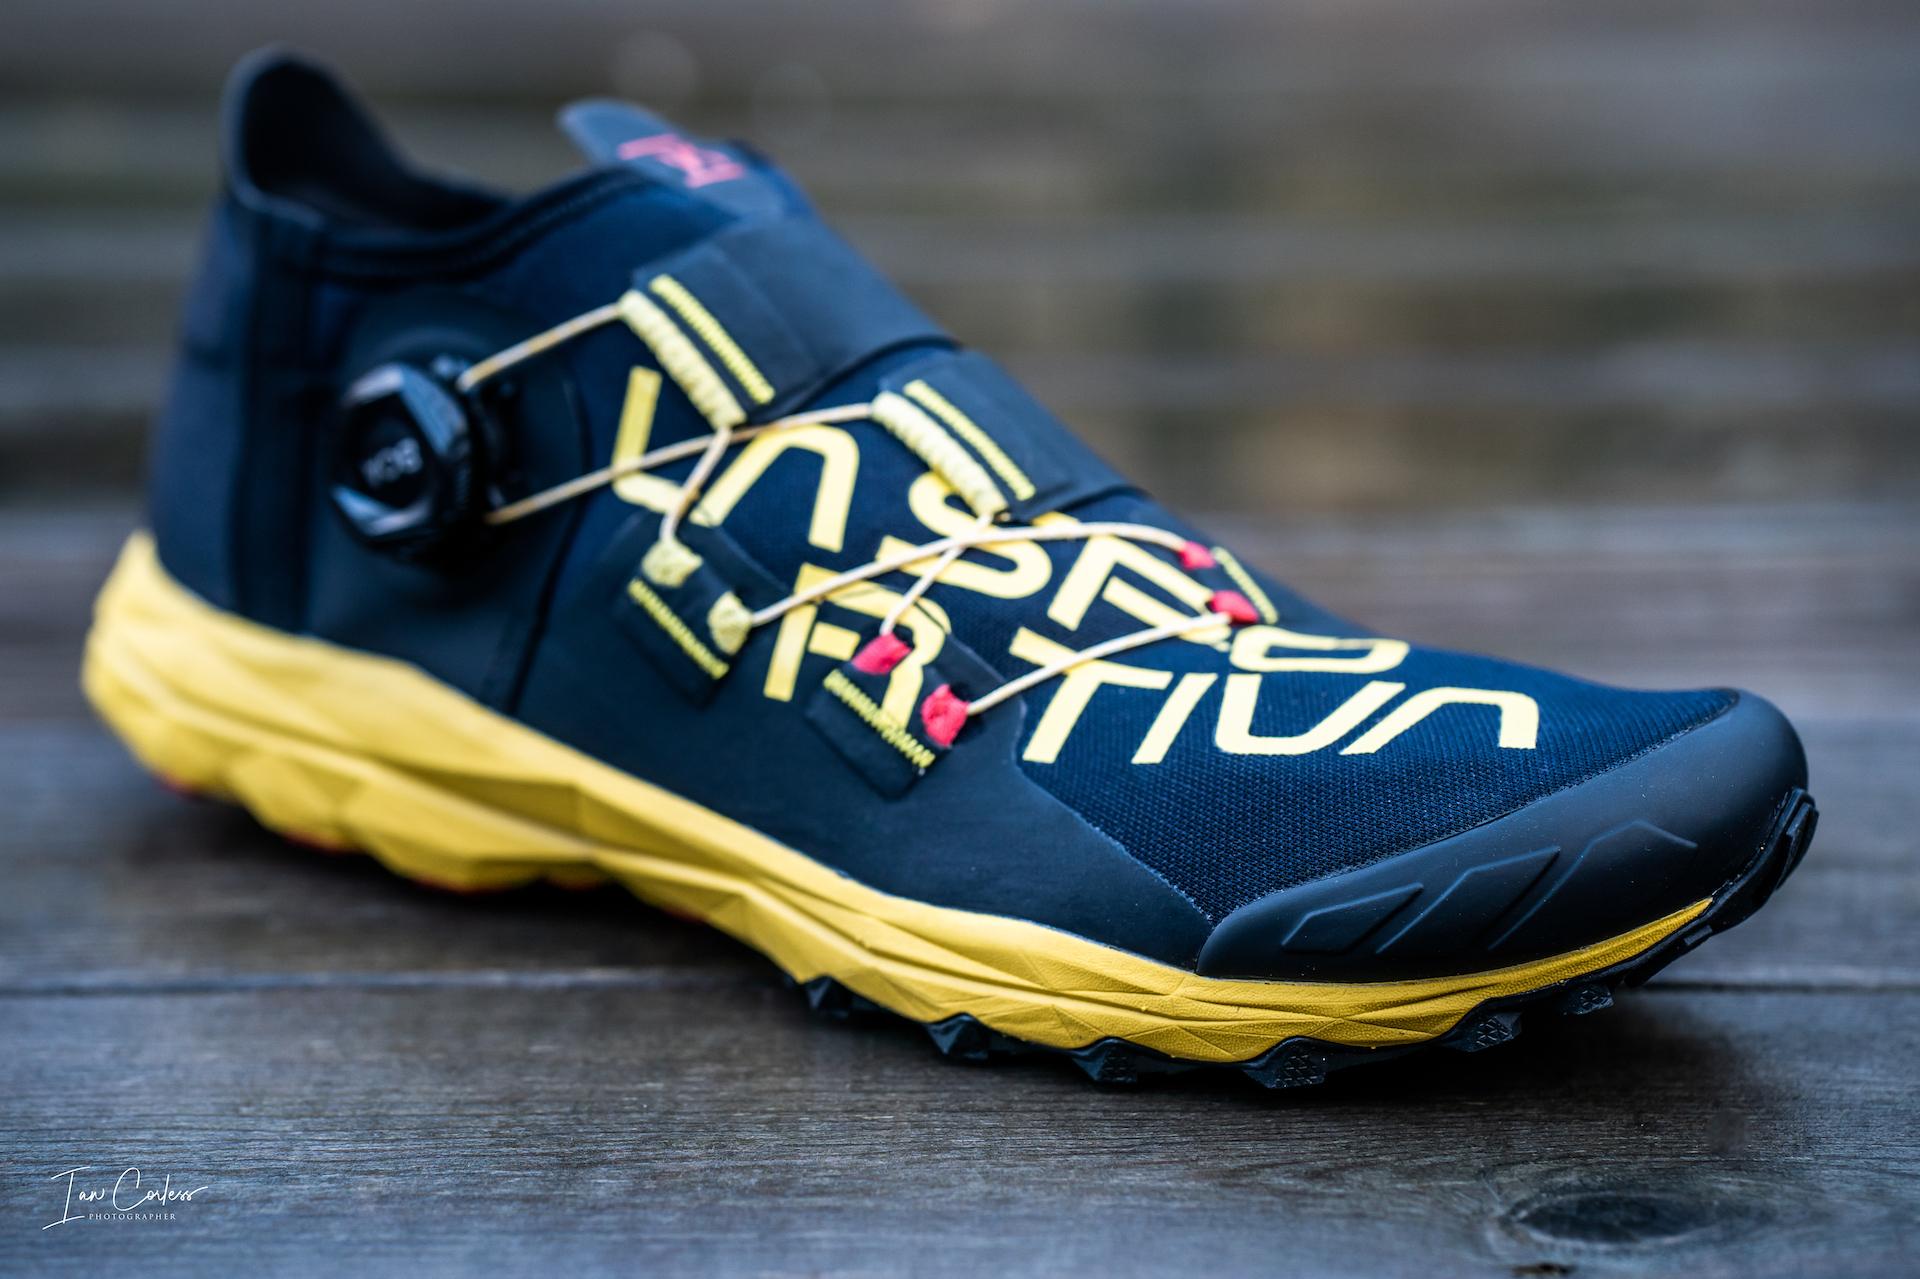 La Sportiva VK Boa® Shoe Review